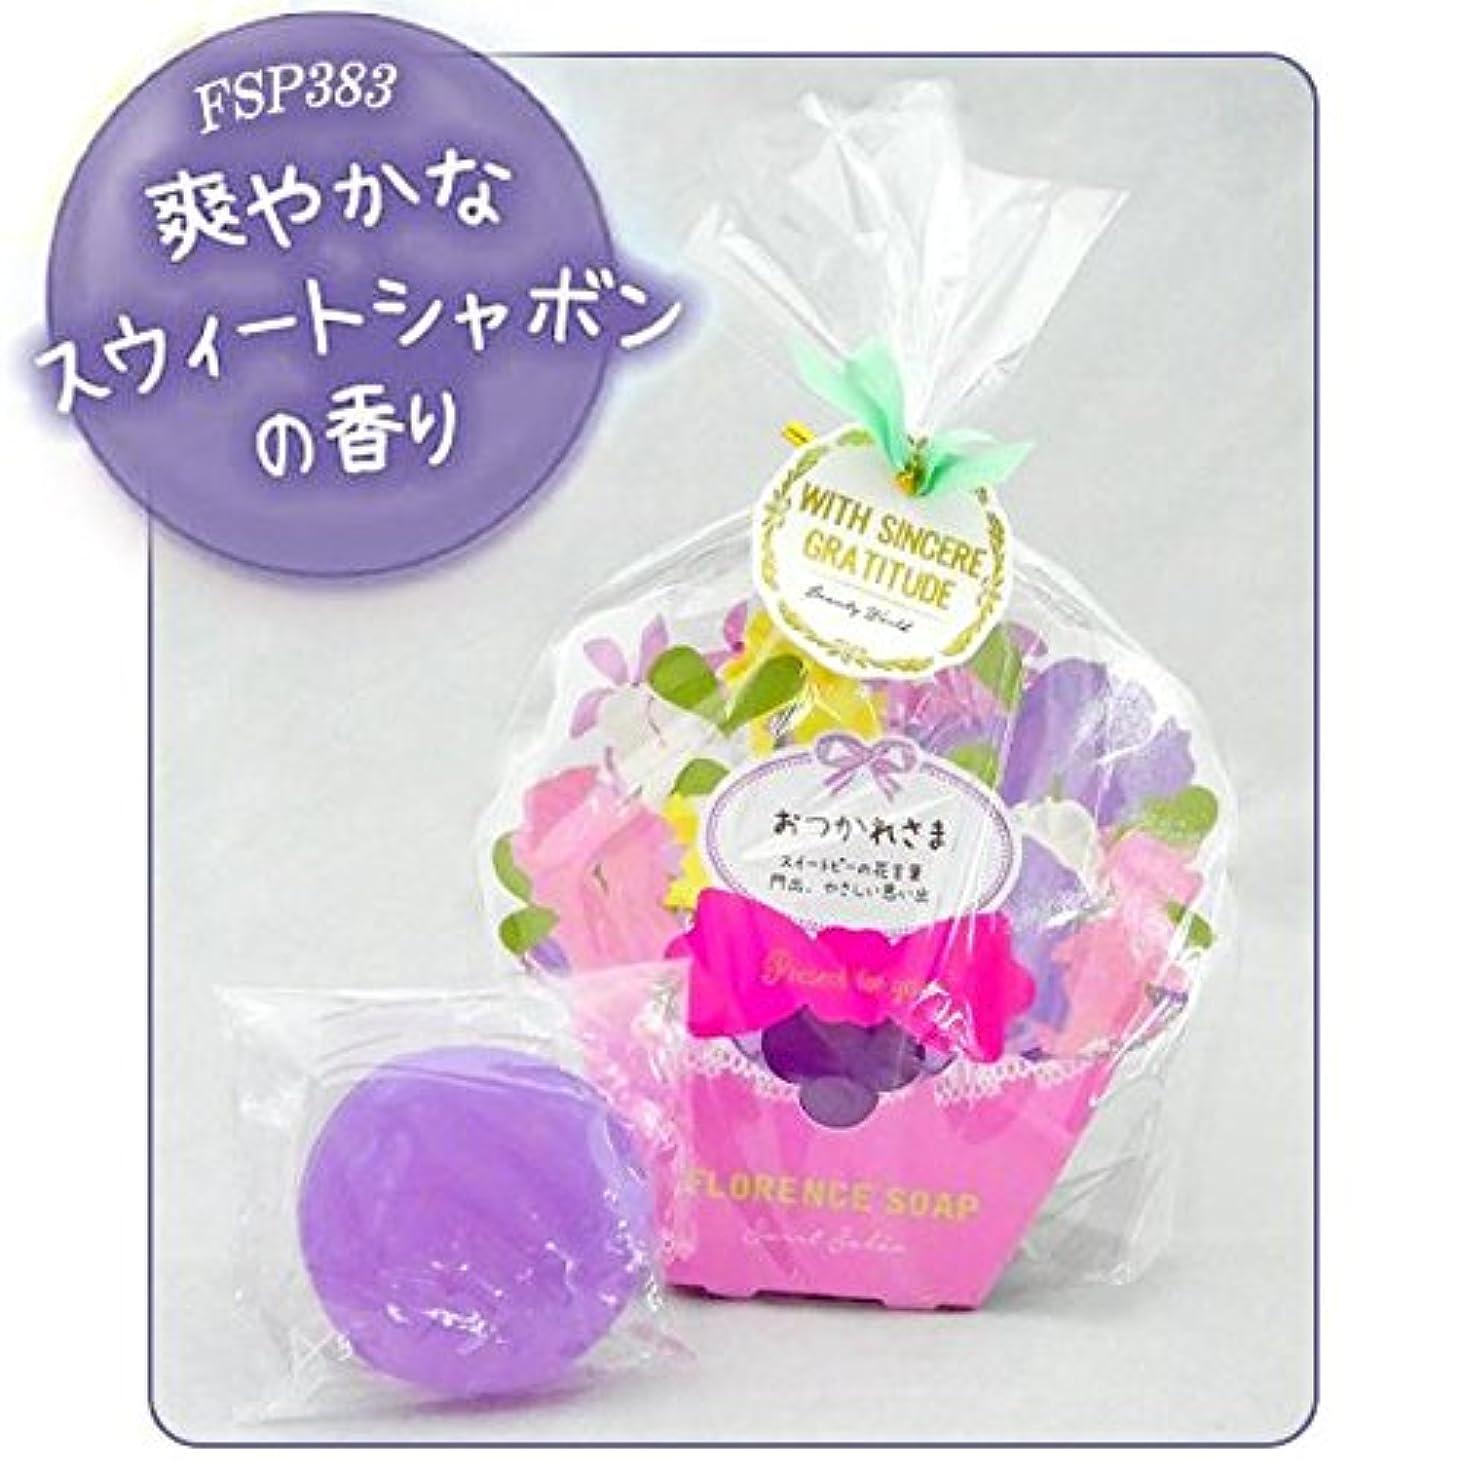 抑圧する非常に怒っていますカウンタビューティーワールド BWフローレンスの香り石けん 花束パッケージ 6個セット スウィートシャボン